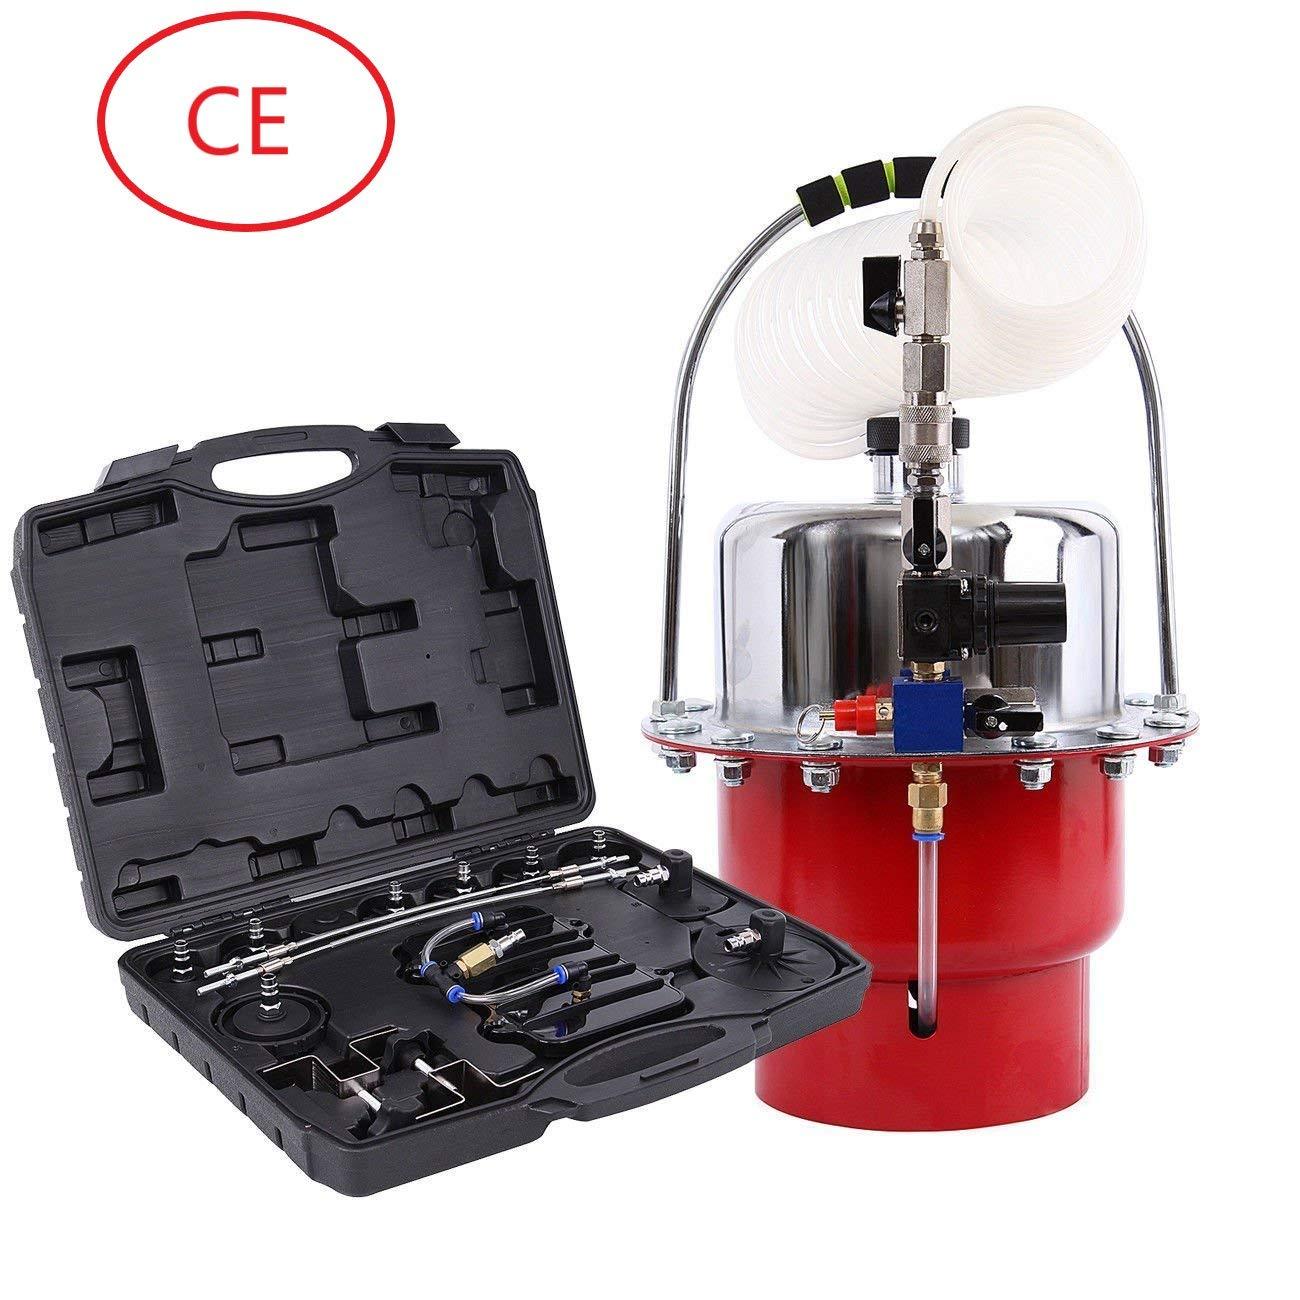 Honhill Kit di utensili per spurgo pneumatico della pressione pneumatica Kit professionale per freno di garage